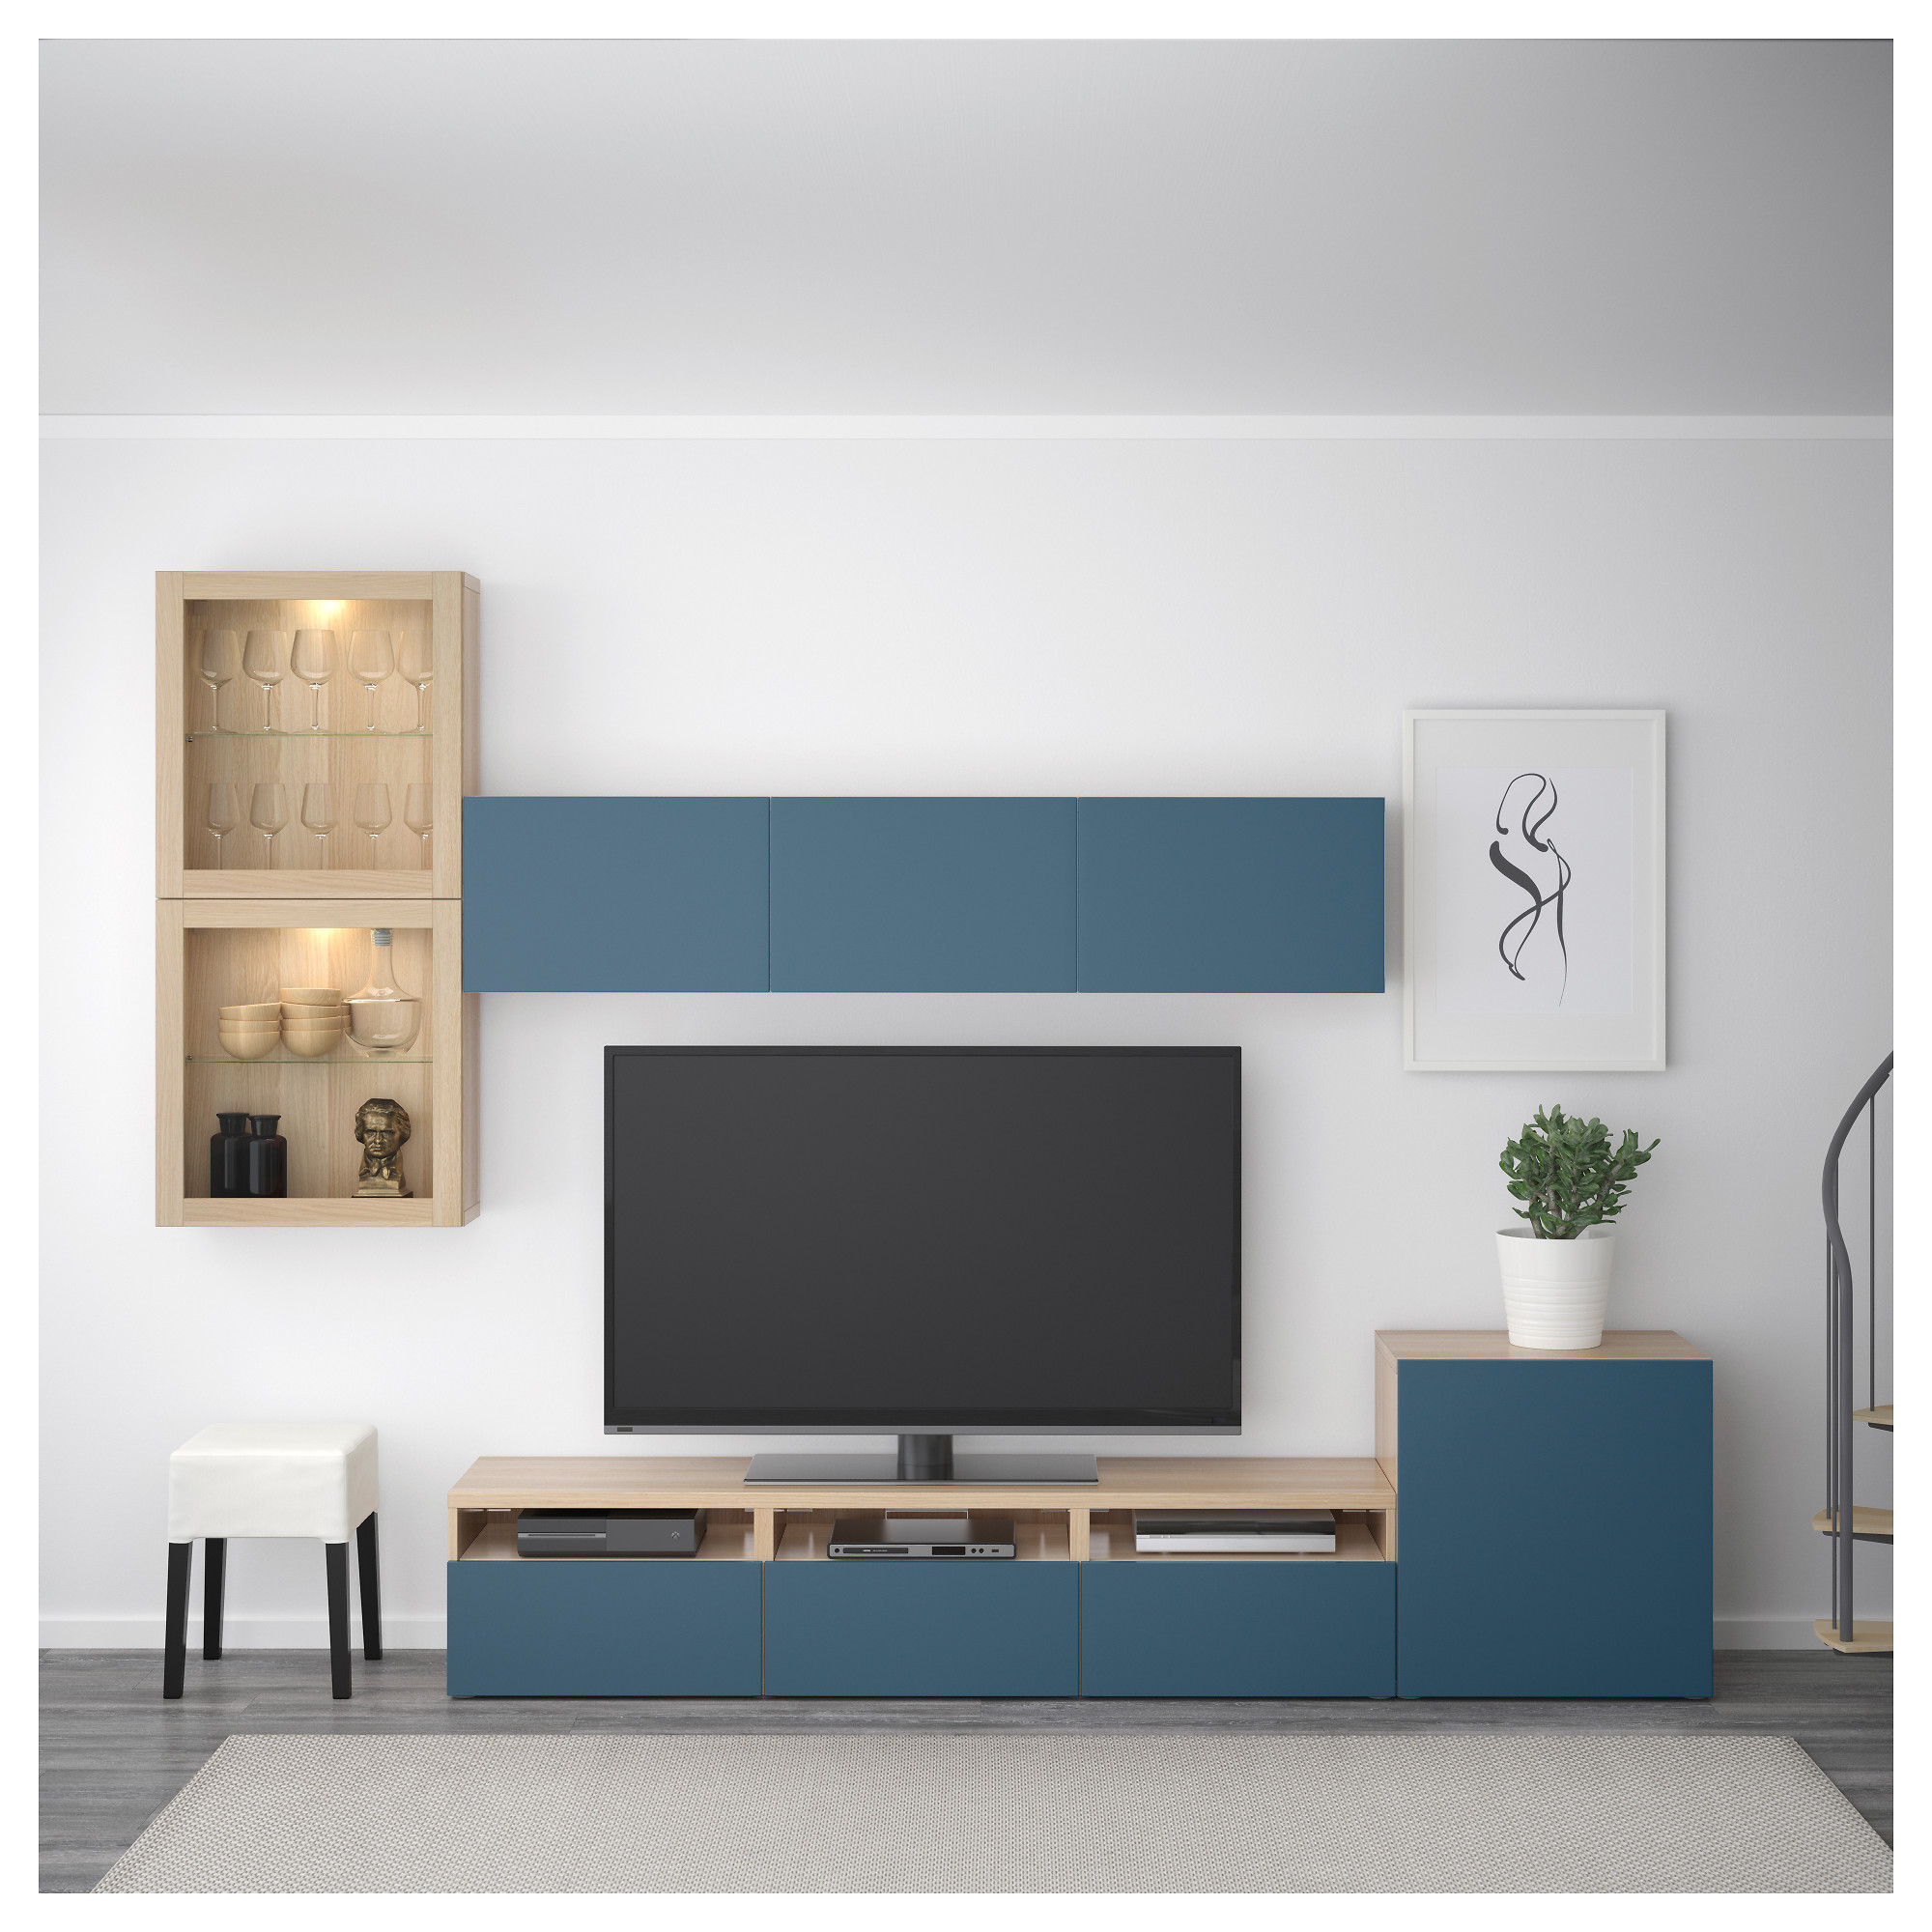 Шкаф для ТВ, комбинированный, стекляные дверцы БЕСТО темно-синий артикуль № 192.522.29 в наличии. Онлайн сайт IKEA Республика Беларусь. Быстрая доставка и соборка.